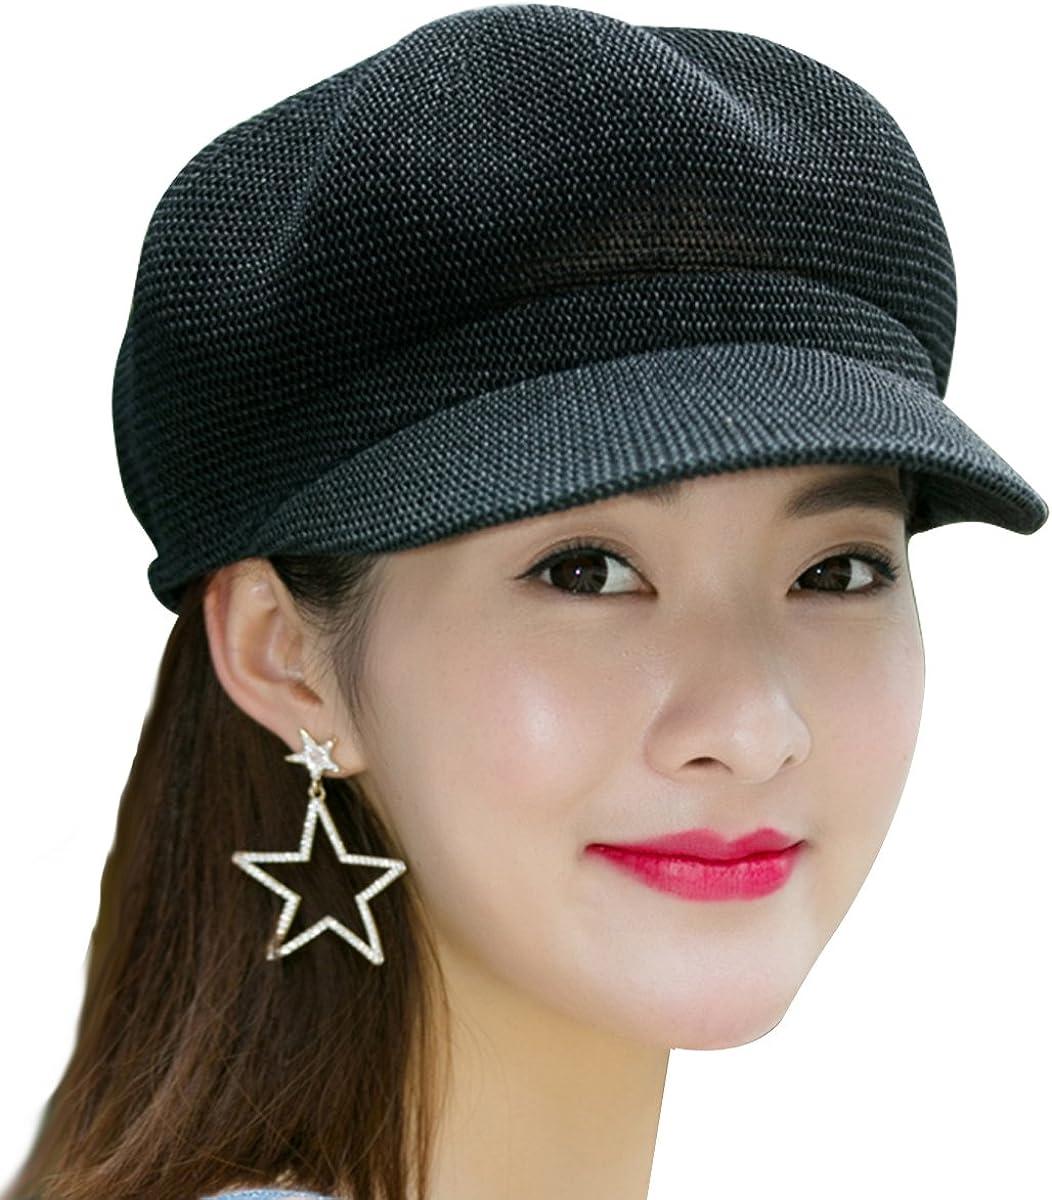 Women Summer Straw Newsboy Cap Beret Breathable Mesh Octagonal Cap Sun Hat Beach Hats for Women